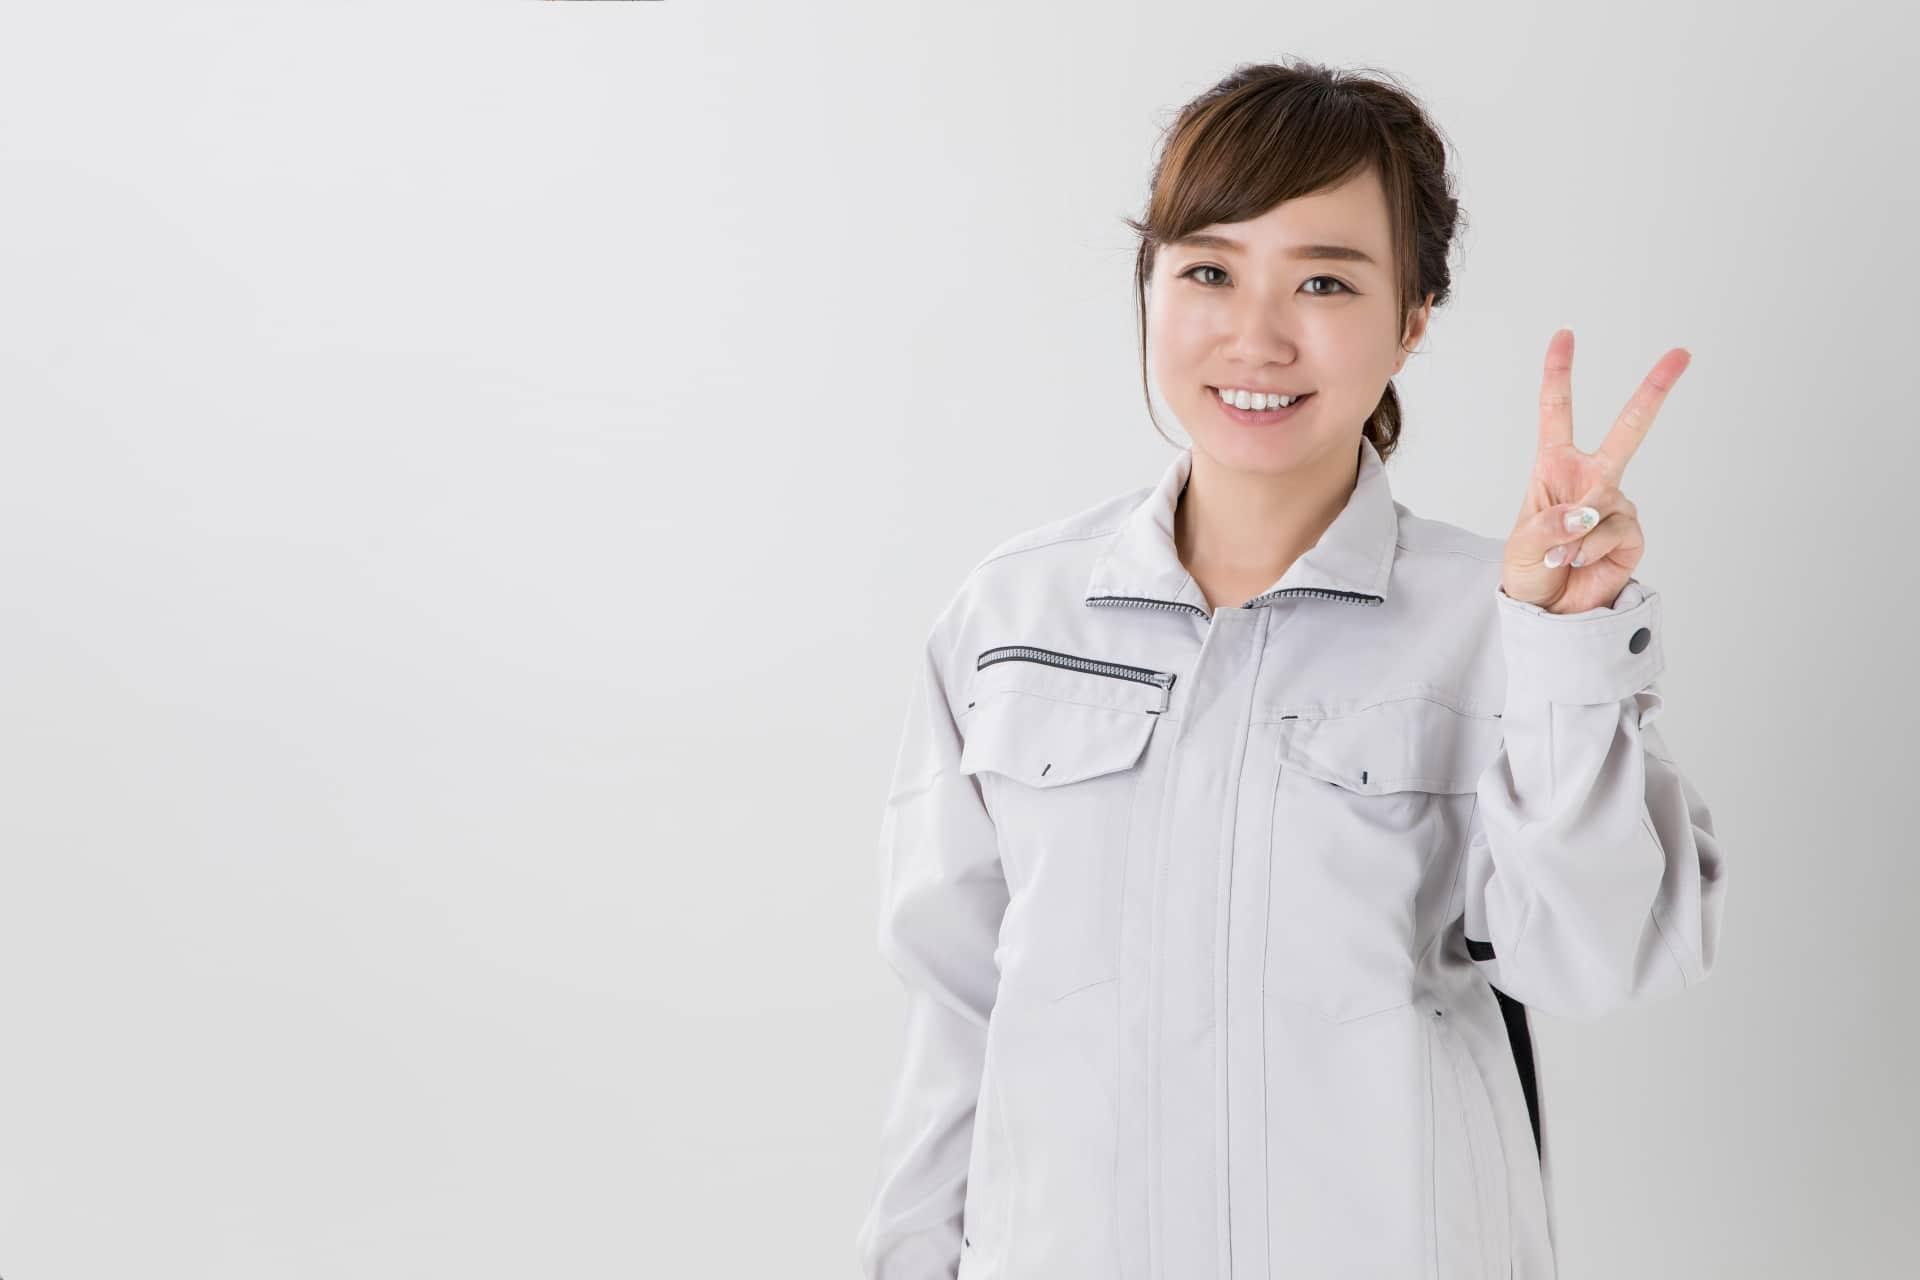 笑顔の女性エンジニア